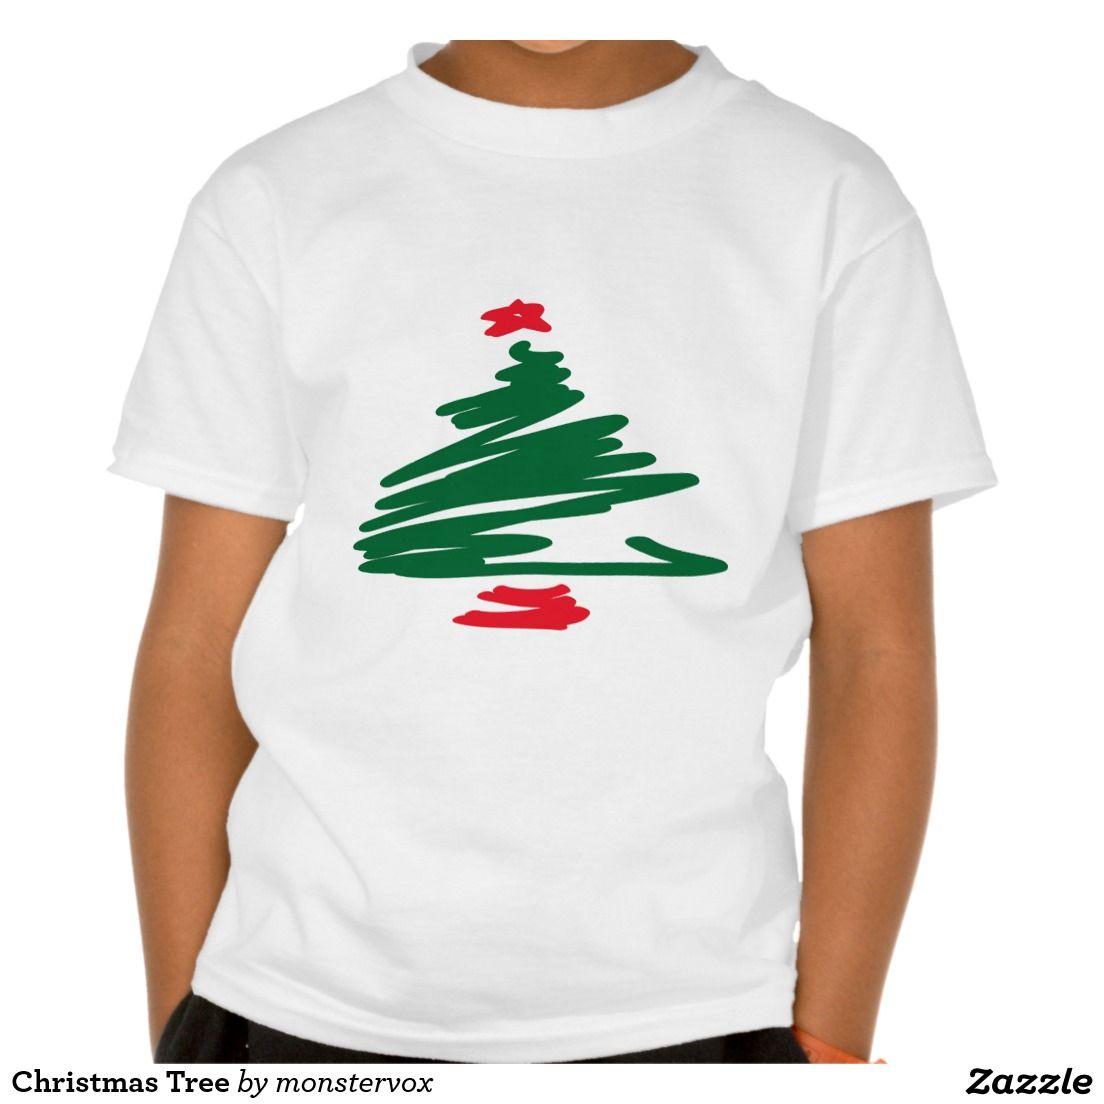 Christmas Tree Shirts #ChristmasTree #MerryChristmas #Christmas #Holiday #Shirt #Tshirt #Tee